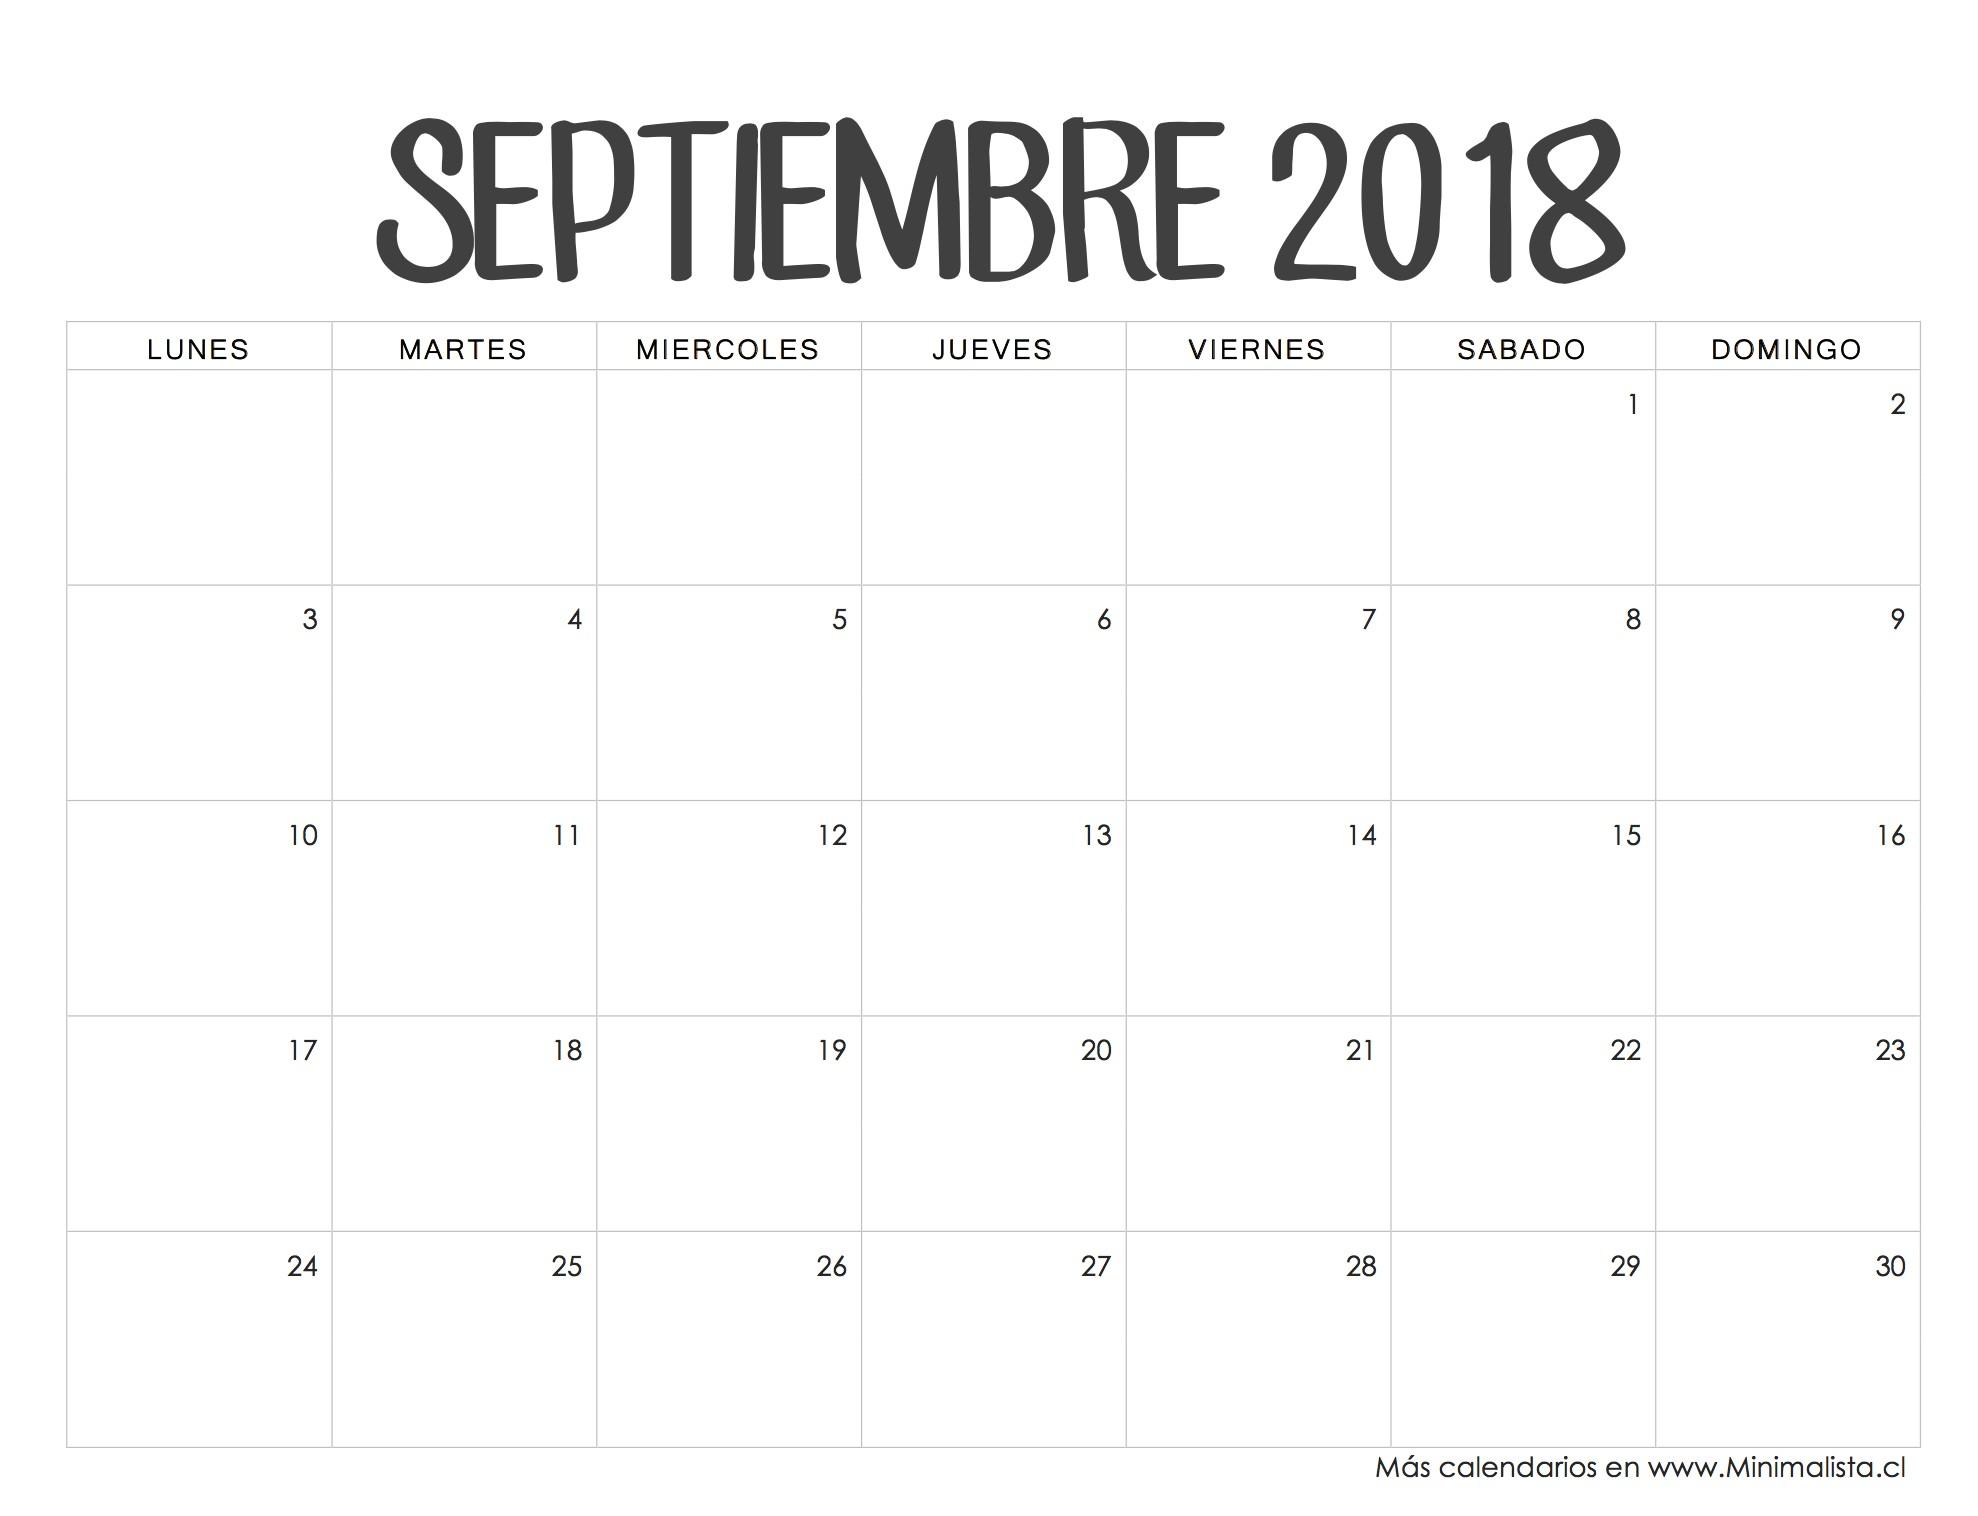 Calendario Para Imprimir 2019 Minimalista Más Actual Calendario Septiembre 2018 Ideas Para Mi Agenda Of Calendario Para Imprimir 2019 Minimalista Más Recientemente Liberado Calendário 2019 Personalizado Para Imprimir Calendario 2019